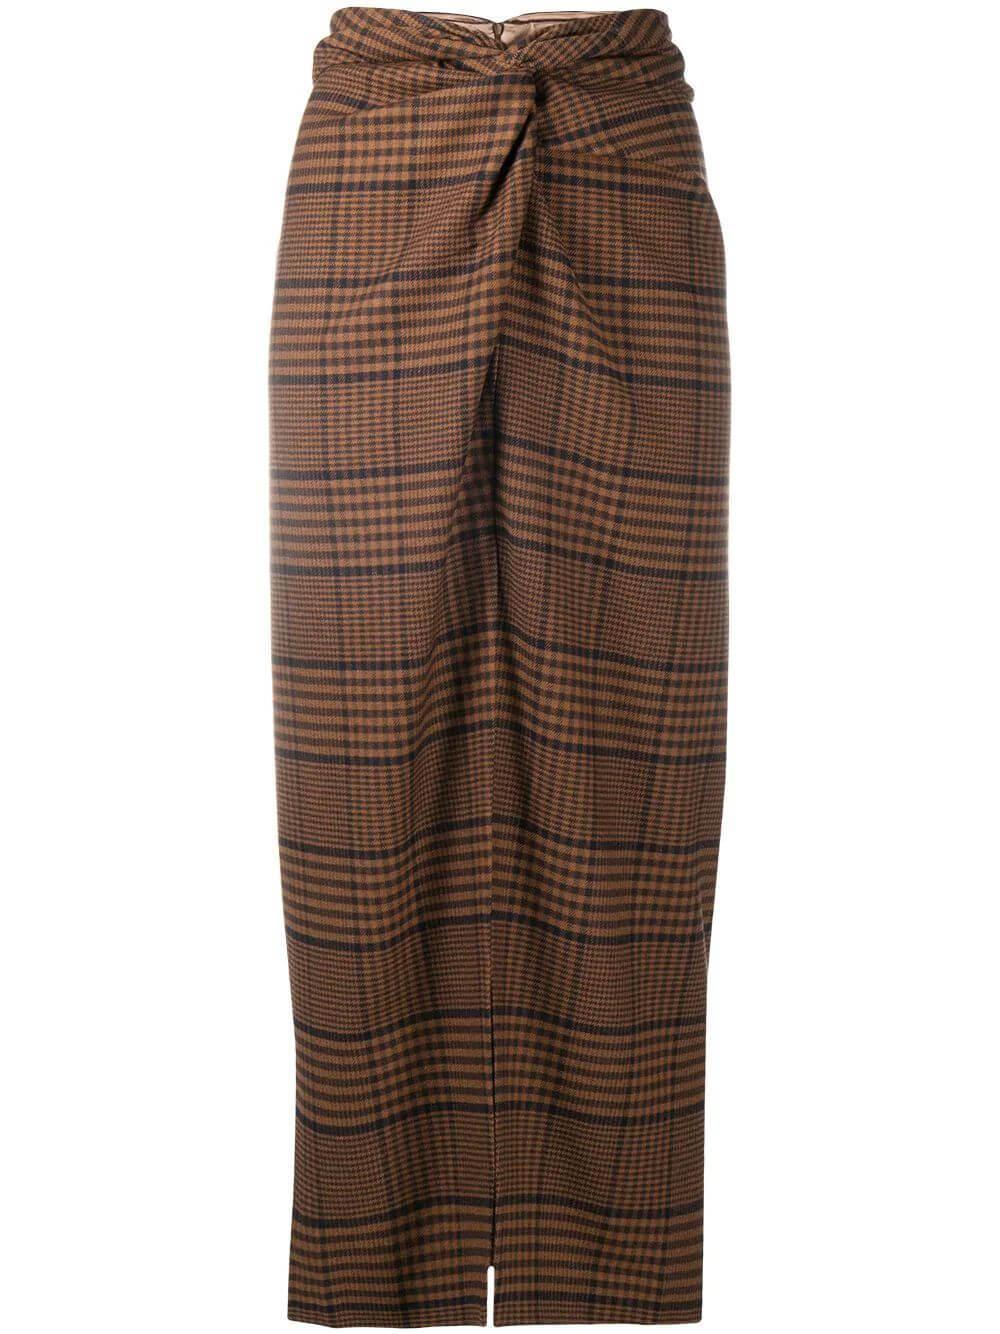 Samara Plaid Skirt Item # NW20PFSK01676